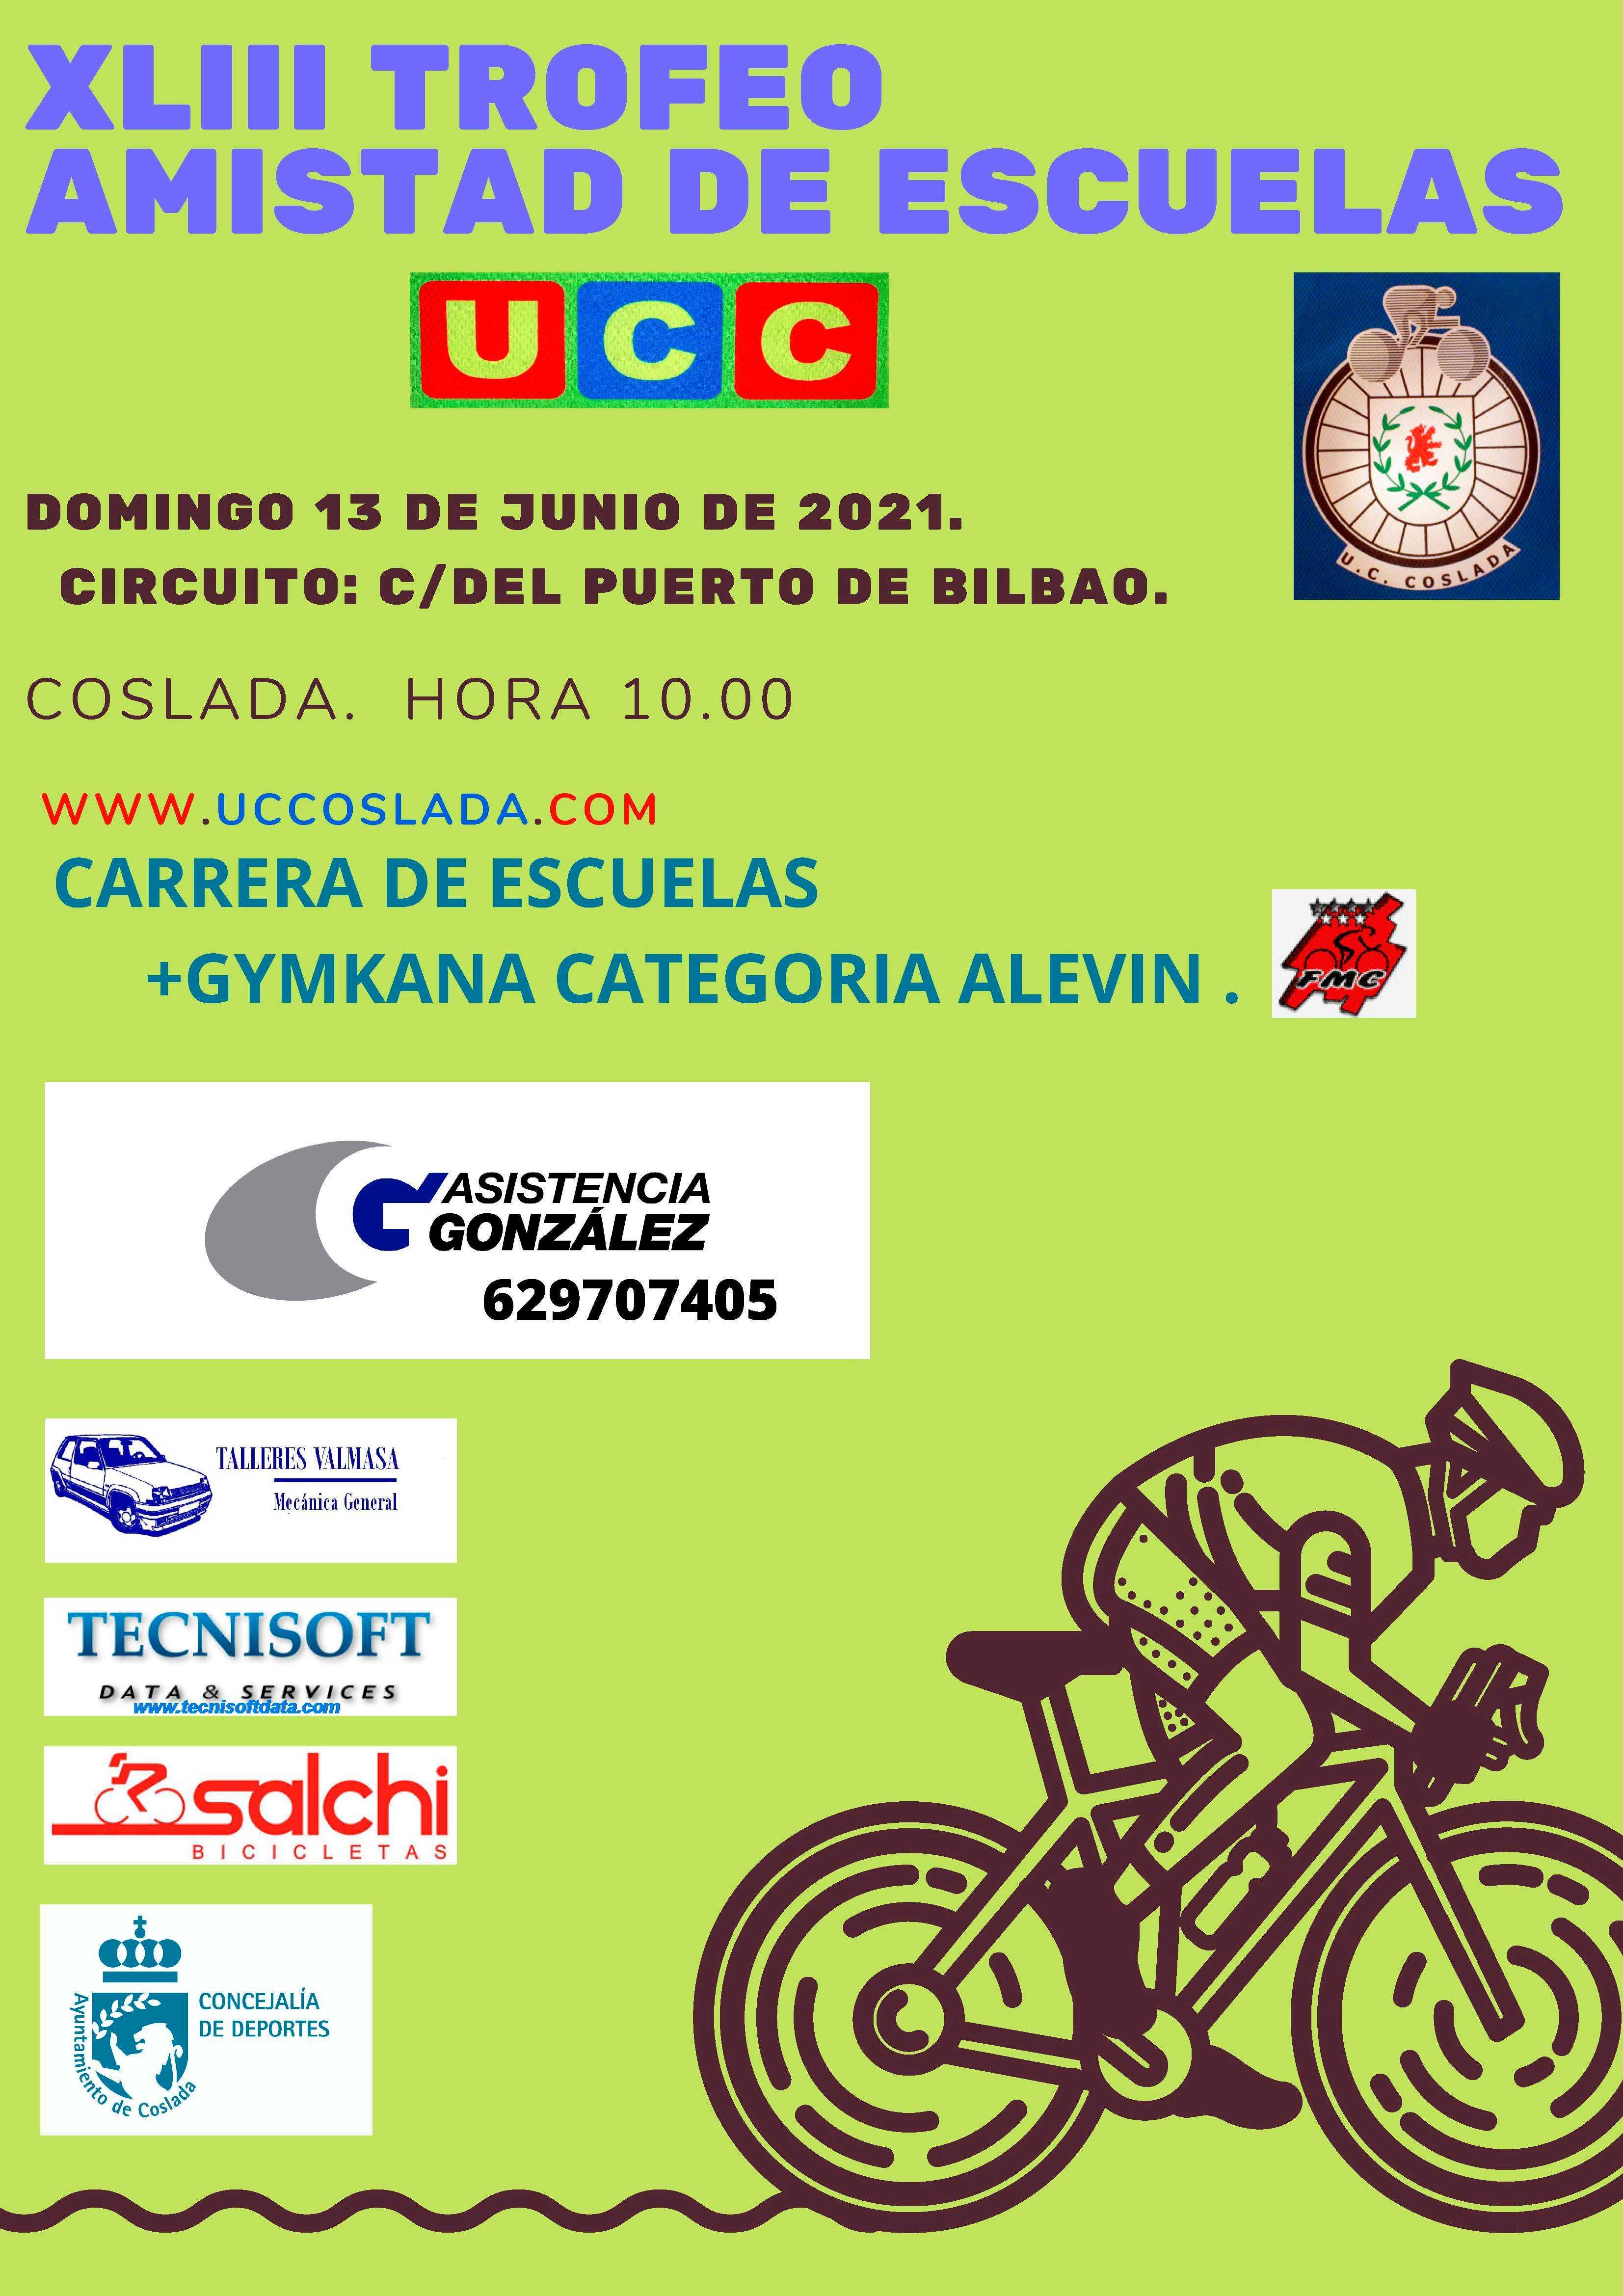 El calendario madrileño escolar de ruta desembarca en el clásico XLIII Trofeo Amistad de Escuelas (ACTUALIZADA)